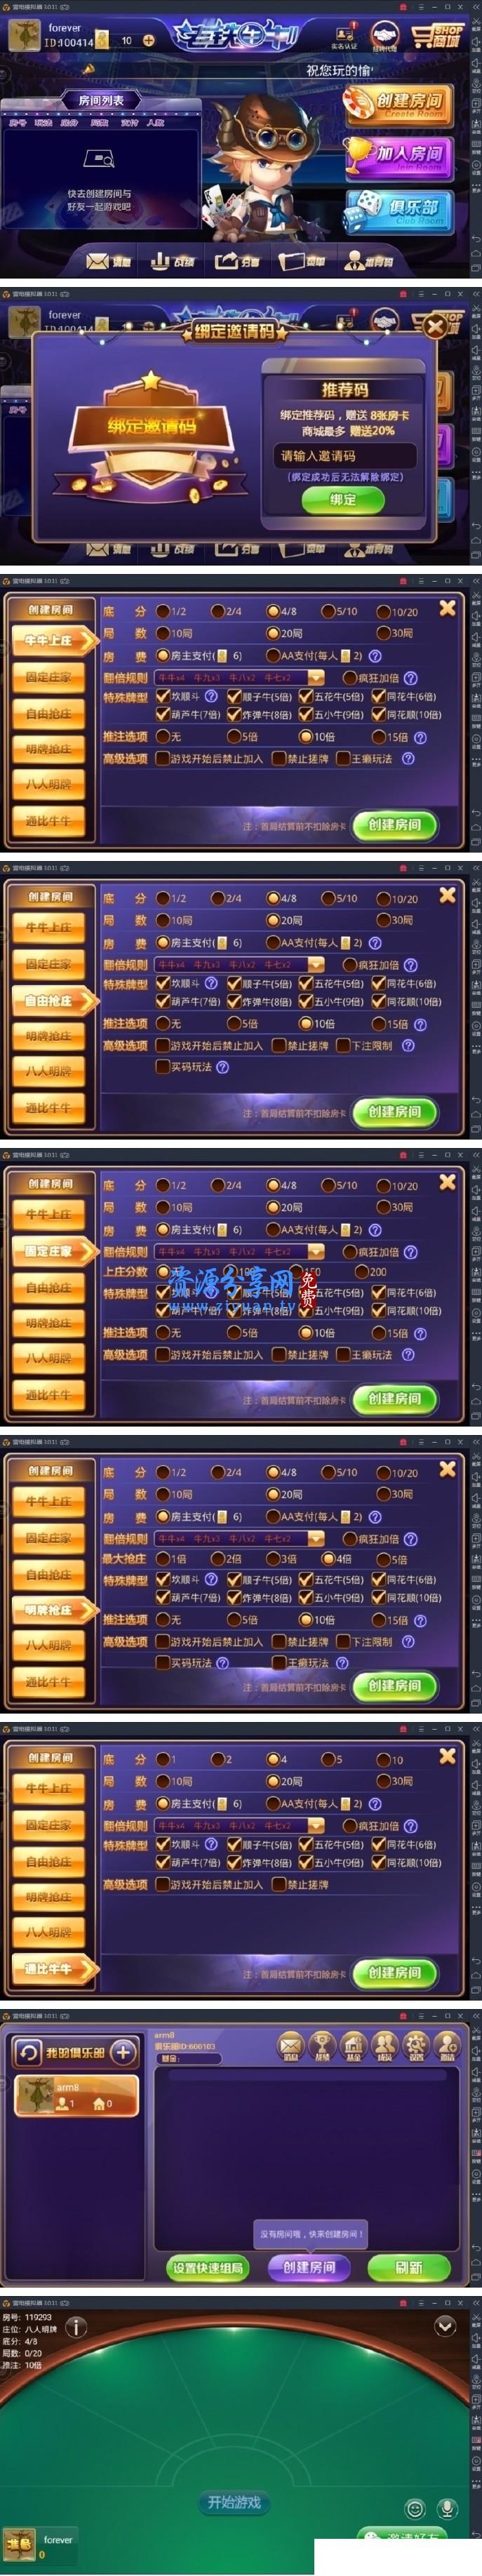 最新【老铁牛牛2】终极版